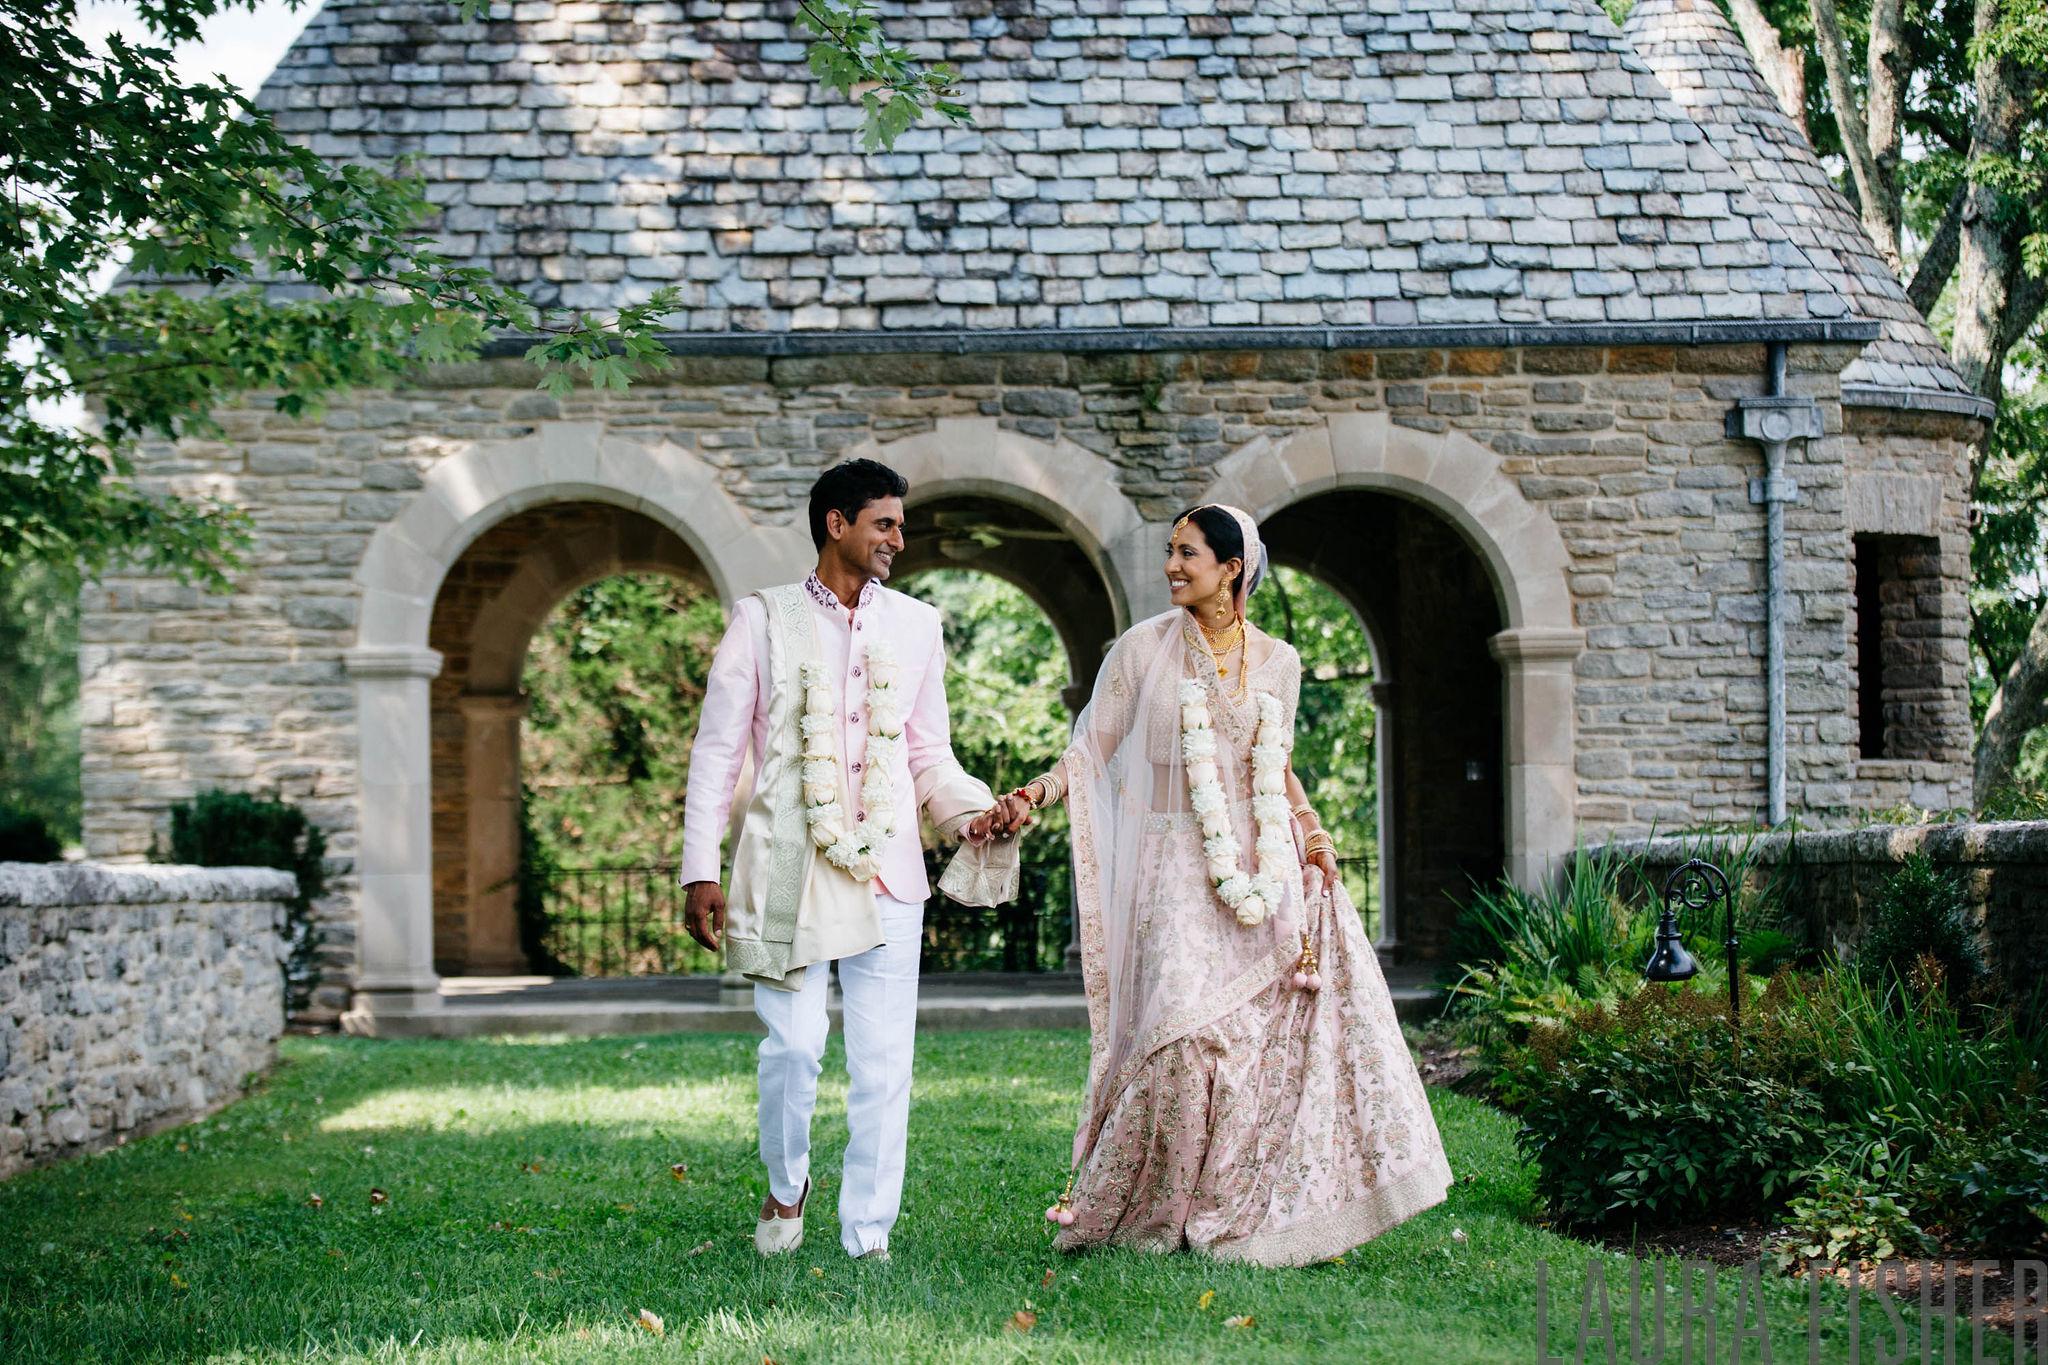 greenacres-wedding-laurea-fisher-wedding-planner.jpg